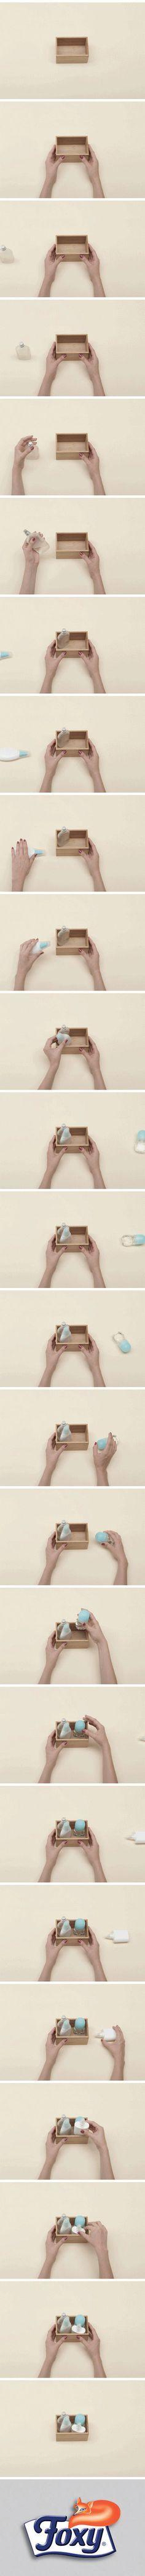 Vivere insieme non significa condividere tutto! Tanto meno i deodoranti.    Scopri questo e tanti altri consigli per organizzare gli spazi in casa su: http://foxymega.it/organize/impara-come organizzarlo.php?id=Deodorante_uomo  #organize #deodoranti #uomo #bagno #foxy